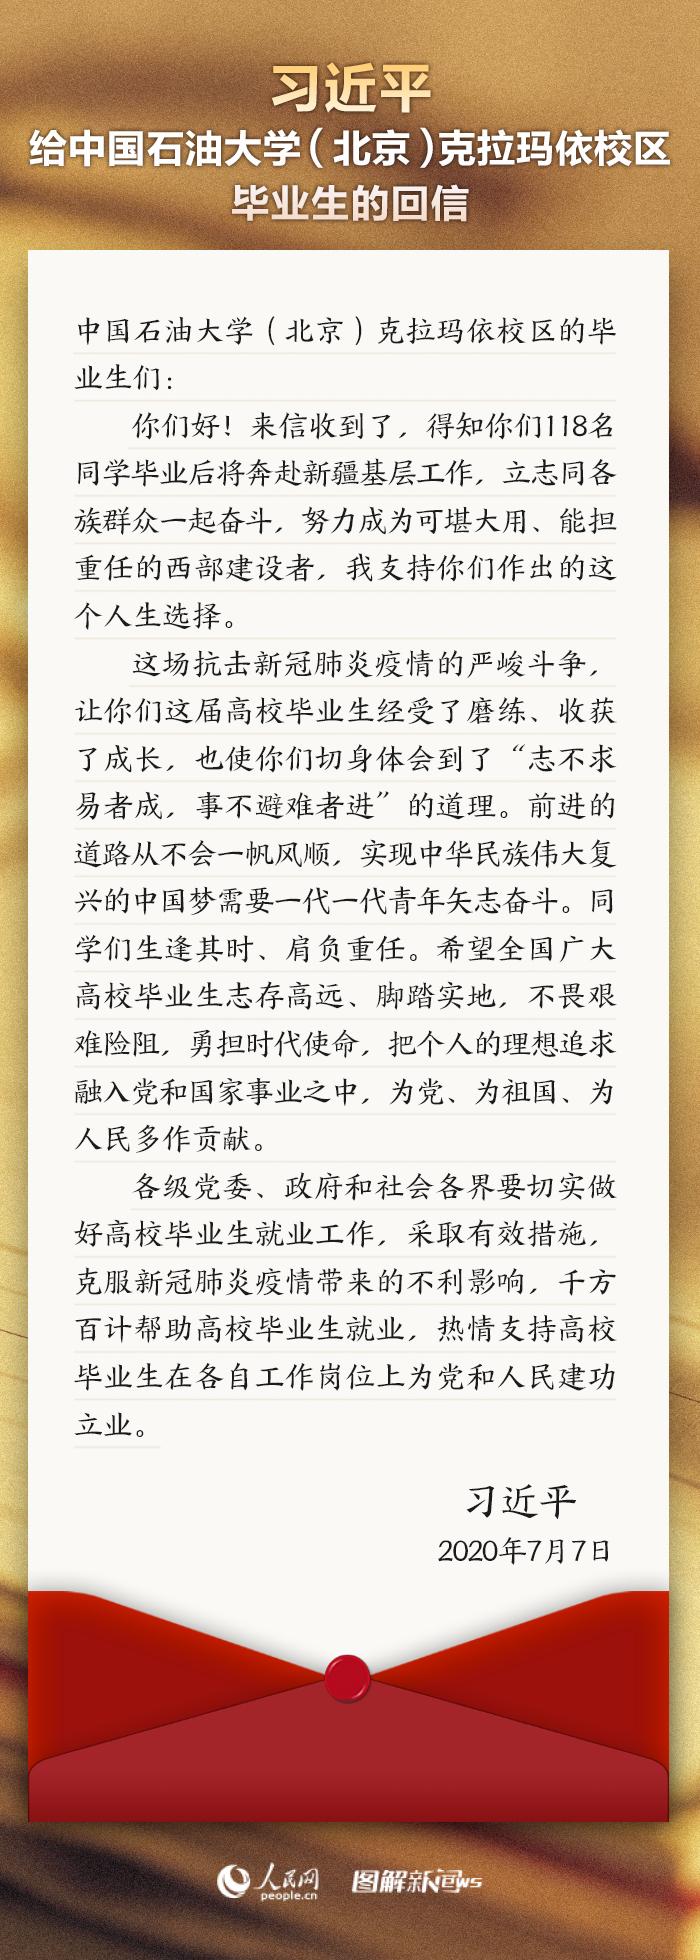 """西峡县桑坪镇——稳住""""三保障""""脱贫有质量"""